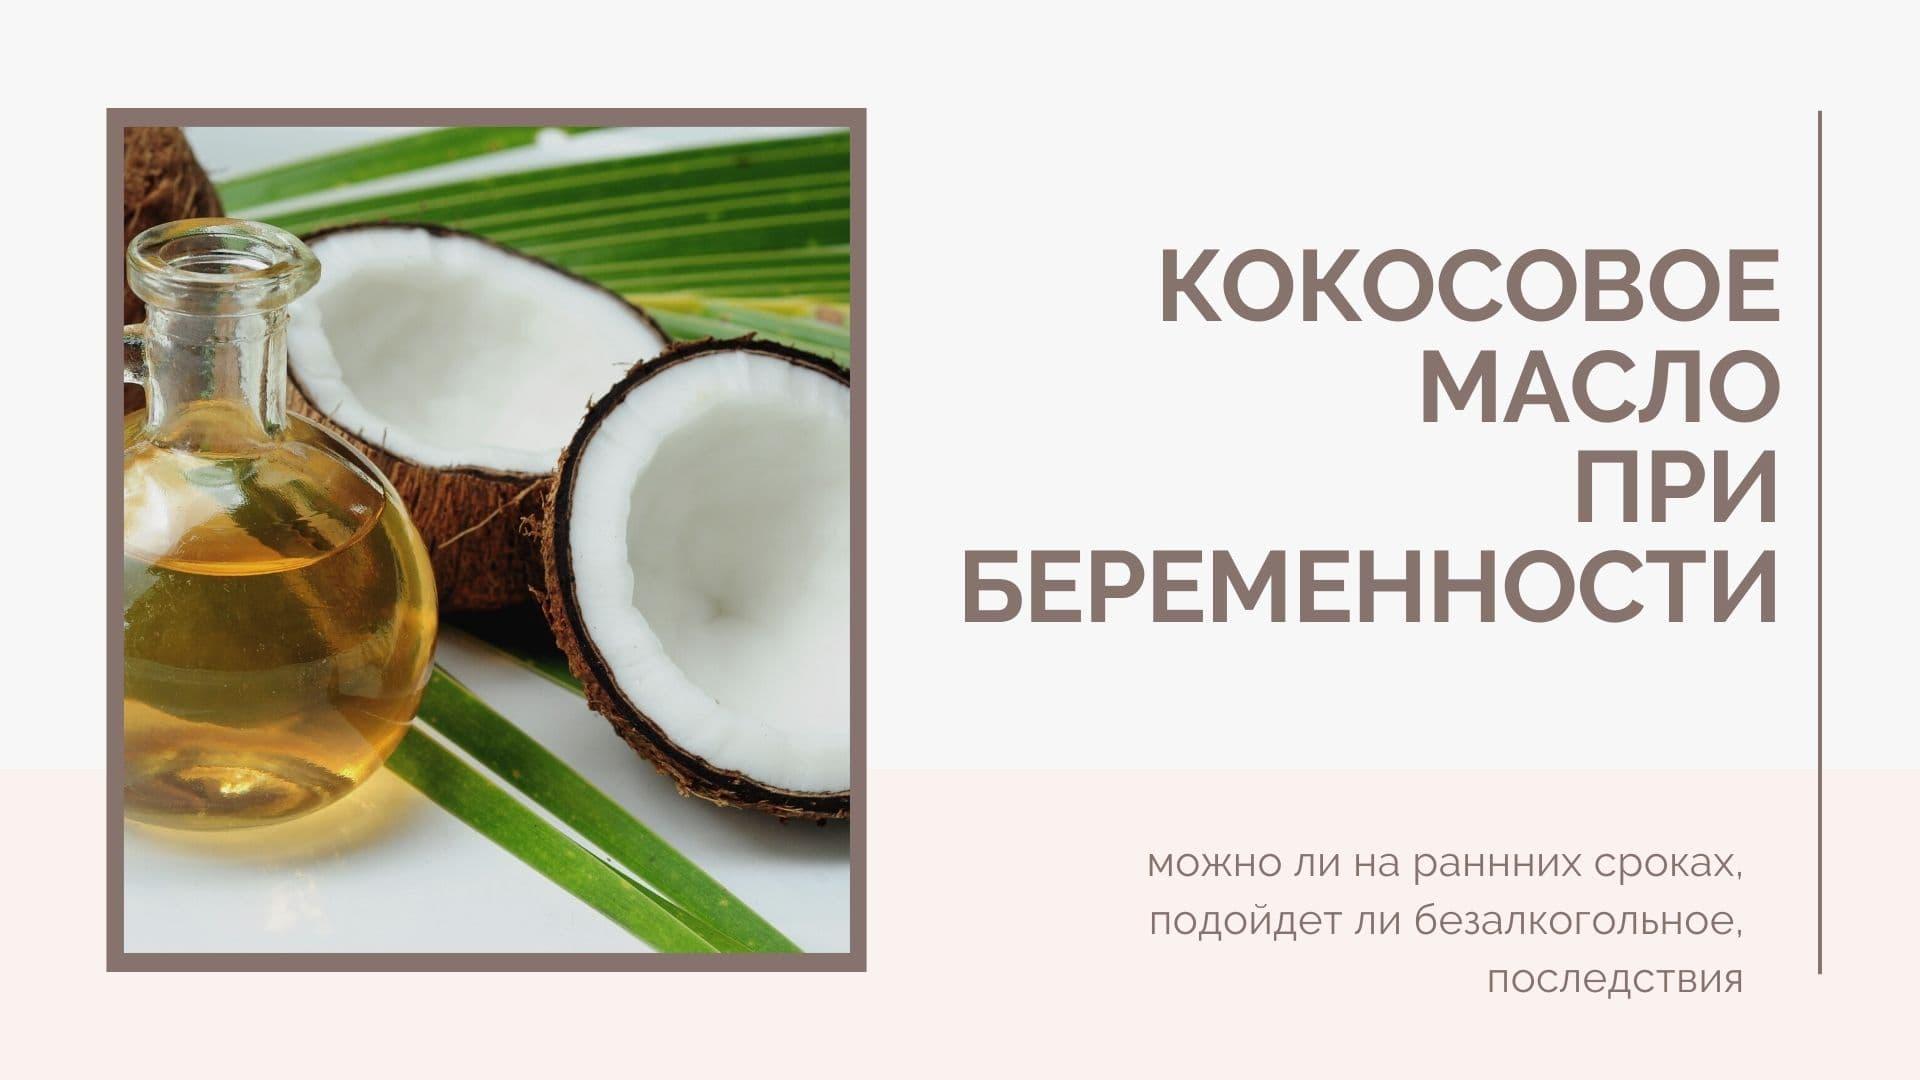 Кокосовое масло при беременности: описание и состав, области и способы применения, меры предосторожности